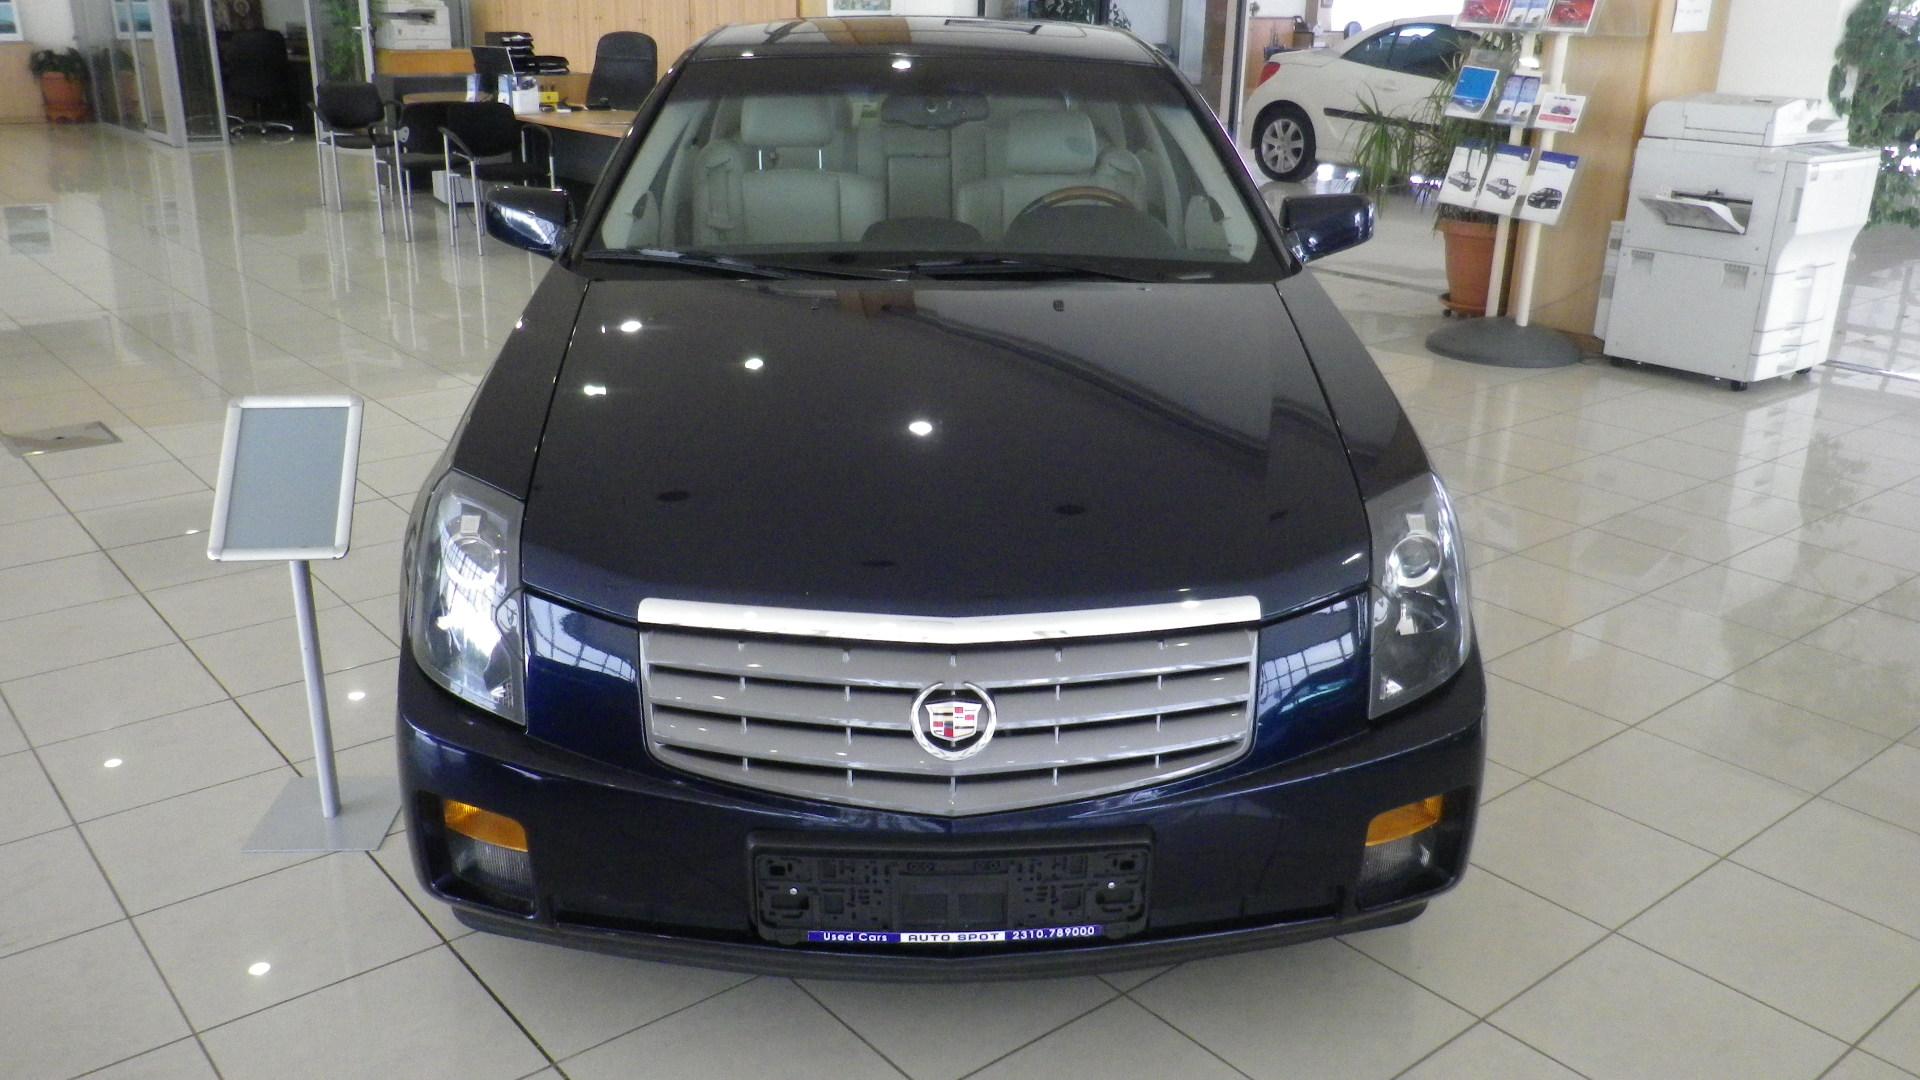 Cadillac CTS '05